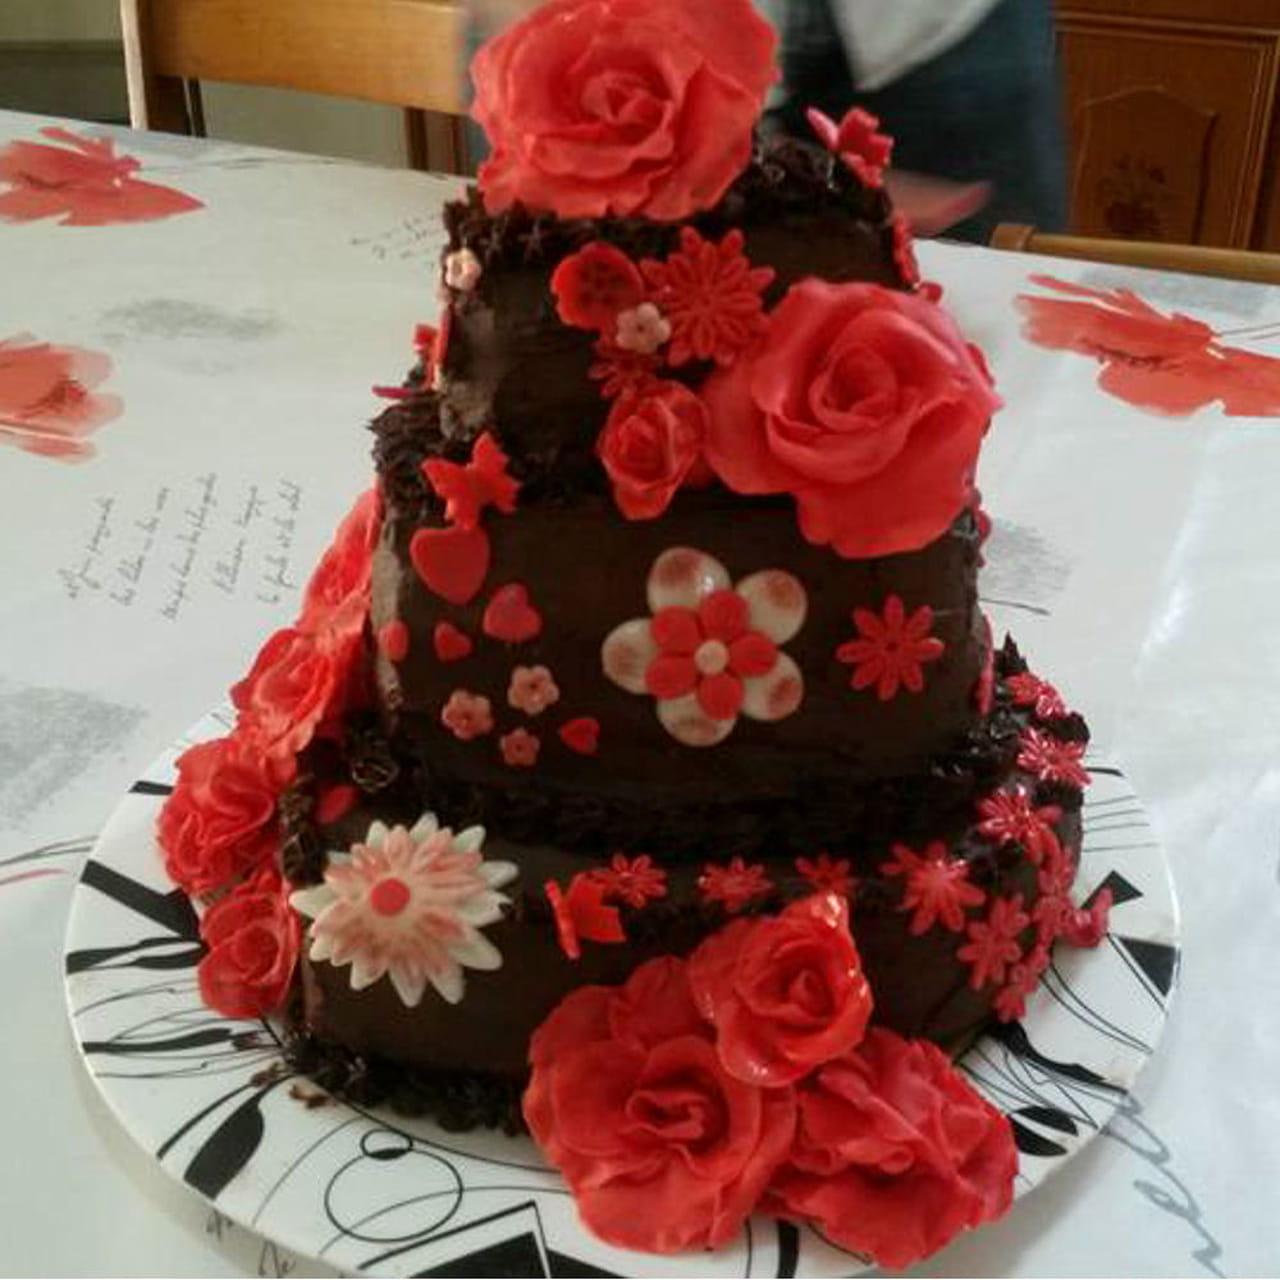 Ricetta torta tre piani con rose in pasta di zucchero for Piani di camera di tre stagioni